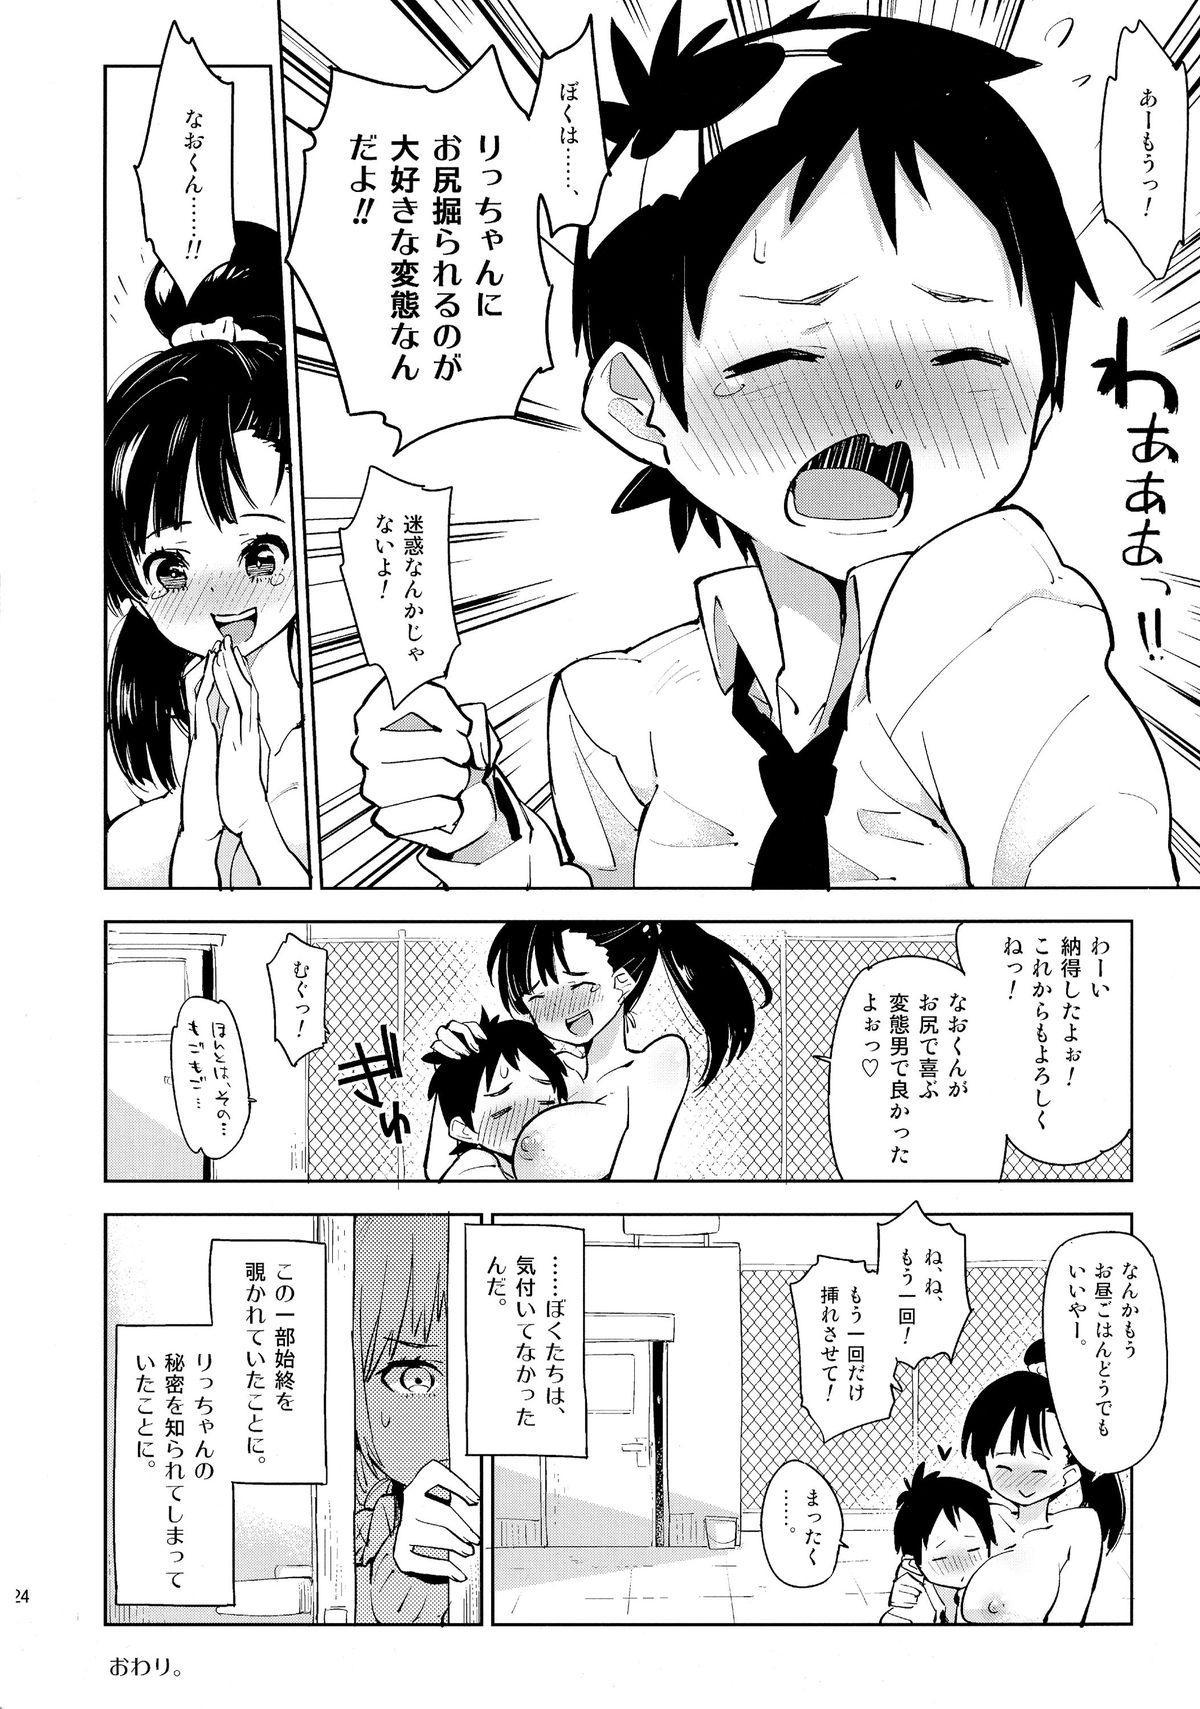 Osananajimi no Wagamama Futanari Ochinchin 23